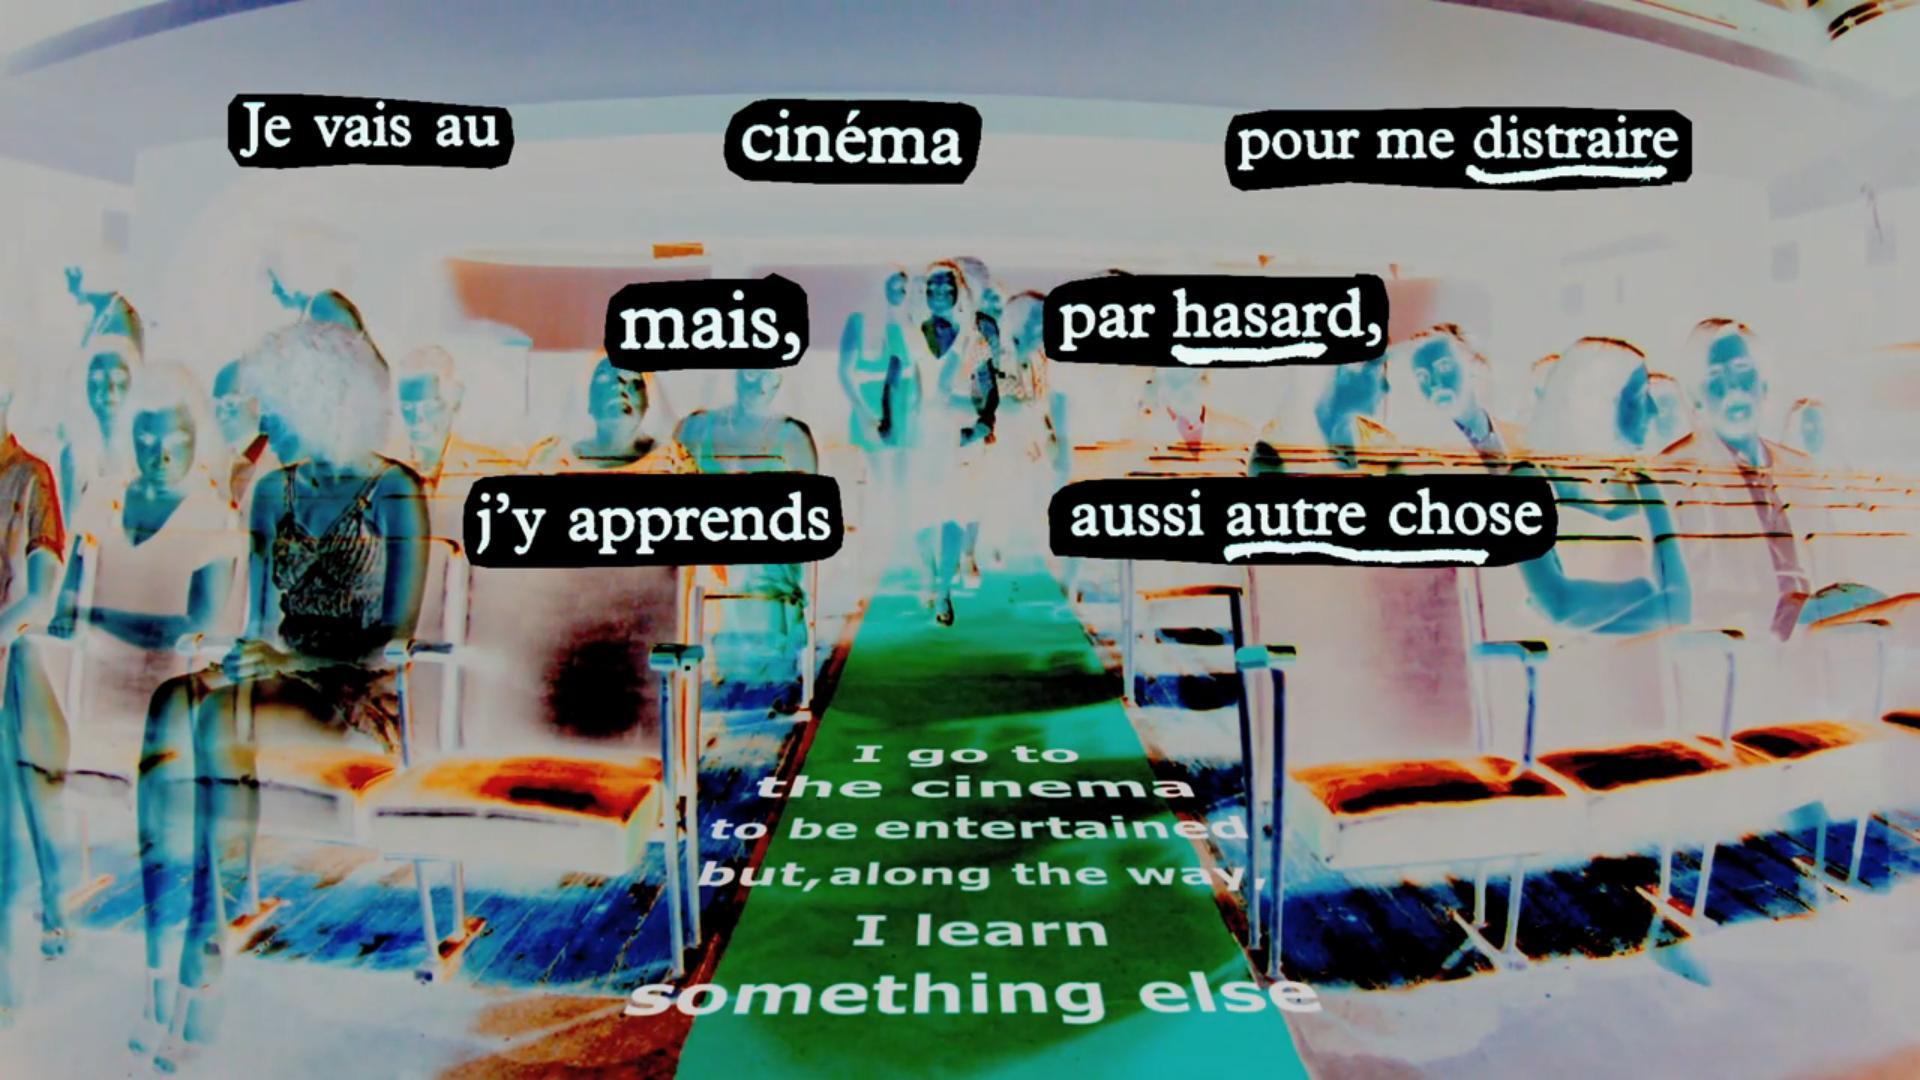 I go to the Cinema